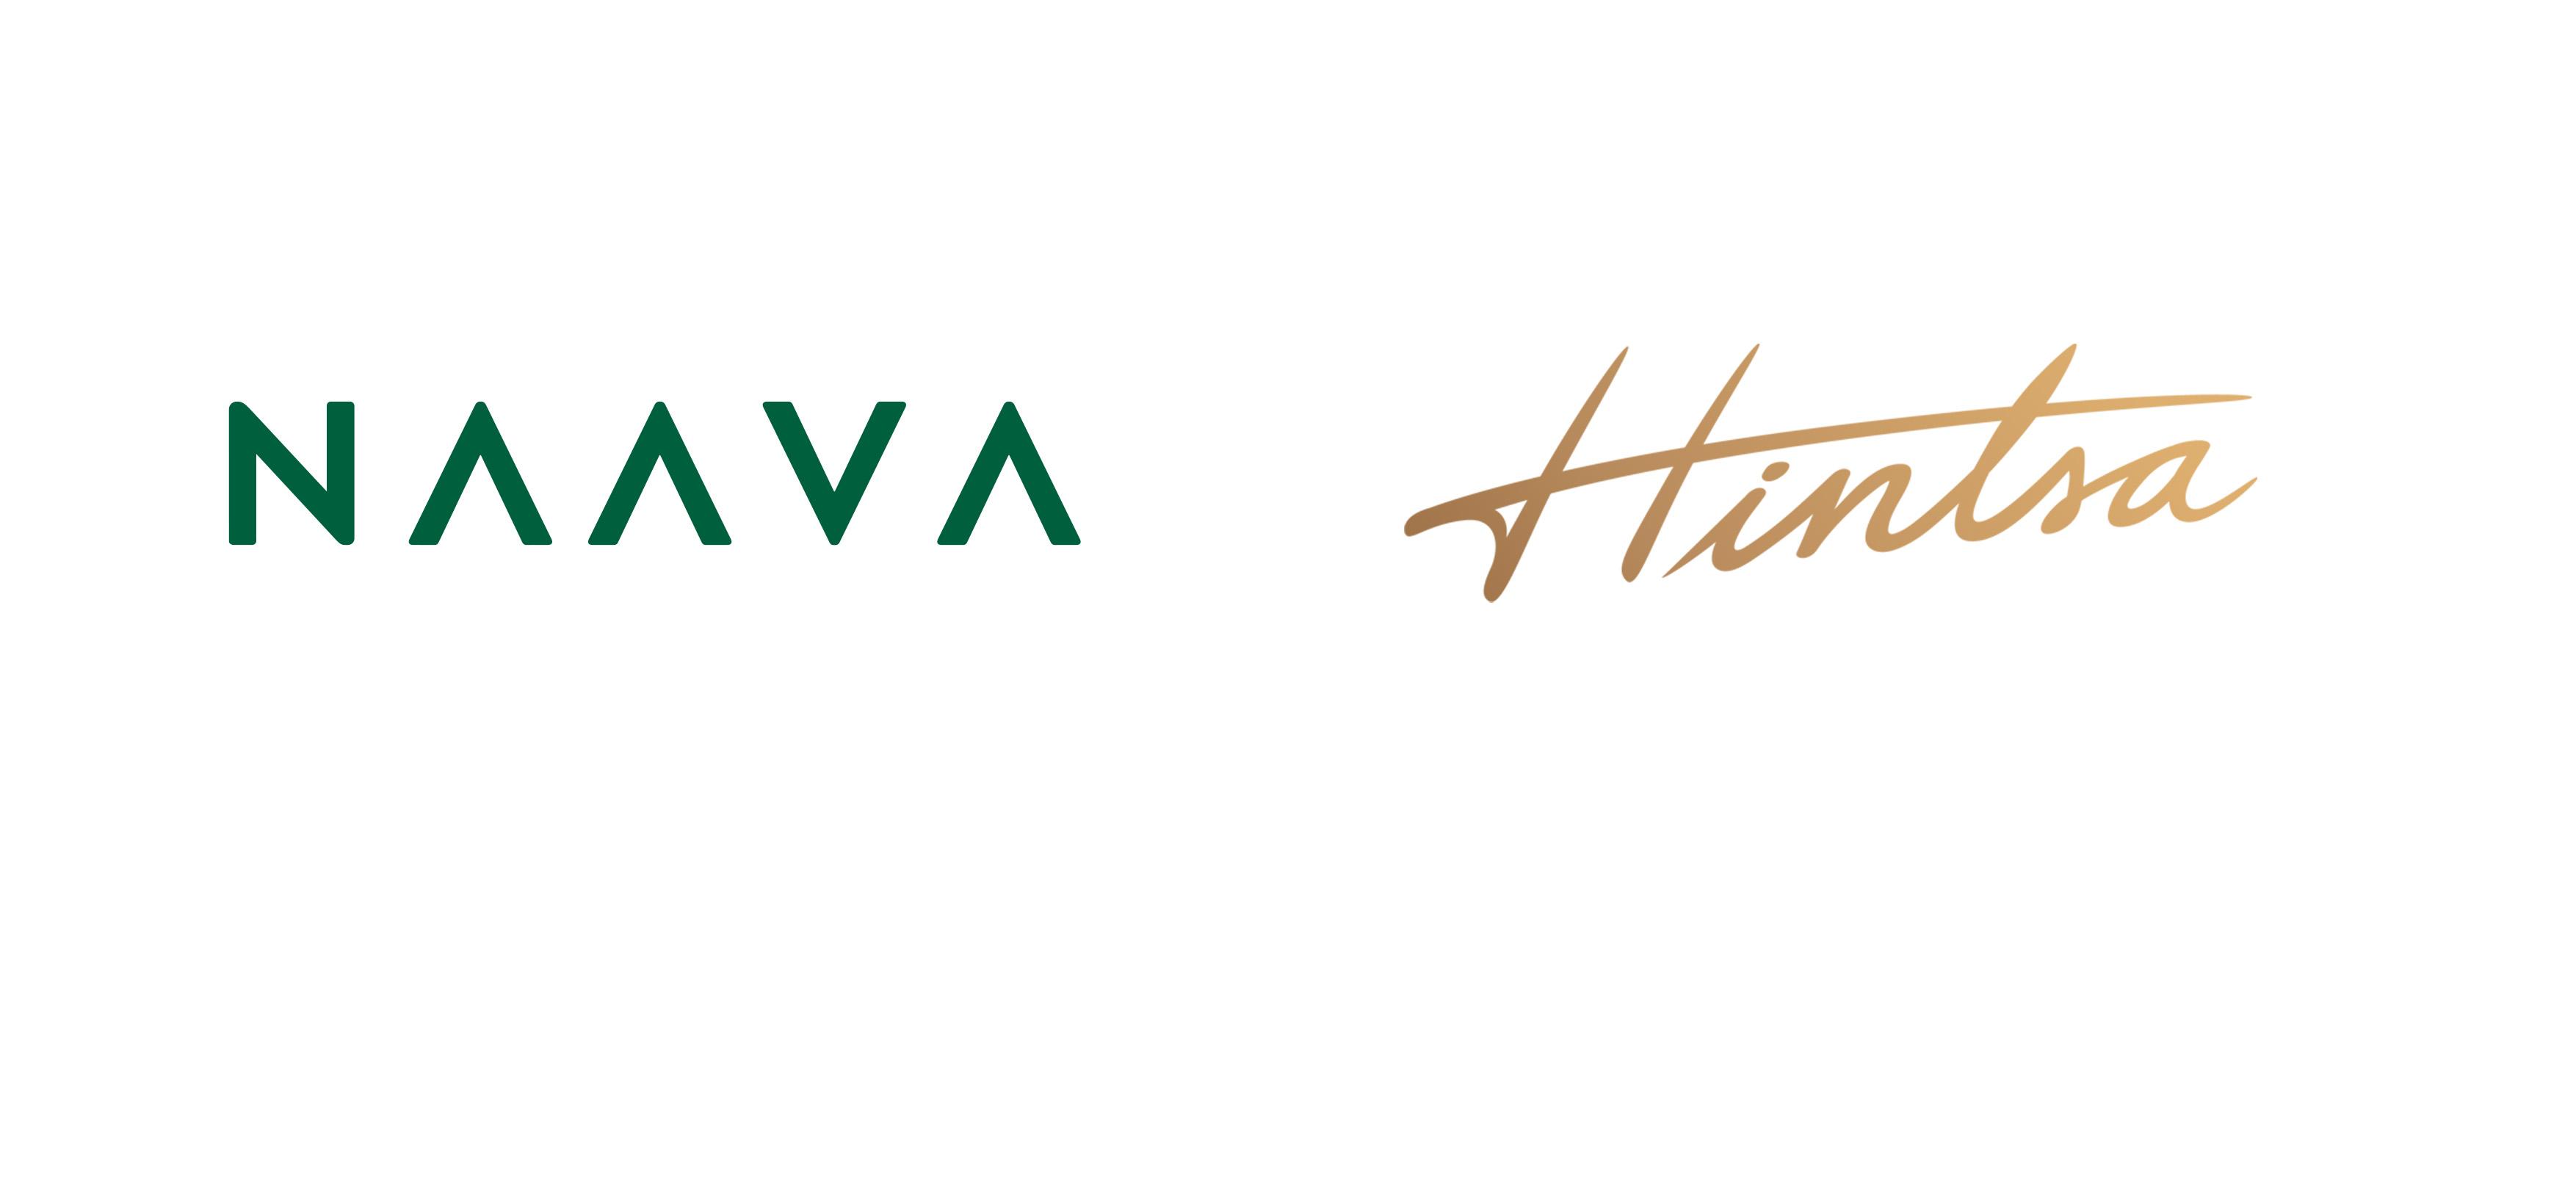 Naava&Hintsa